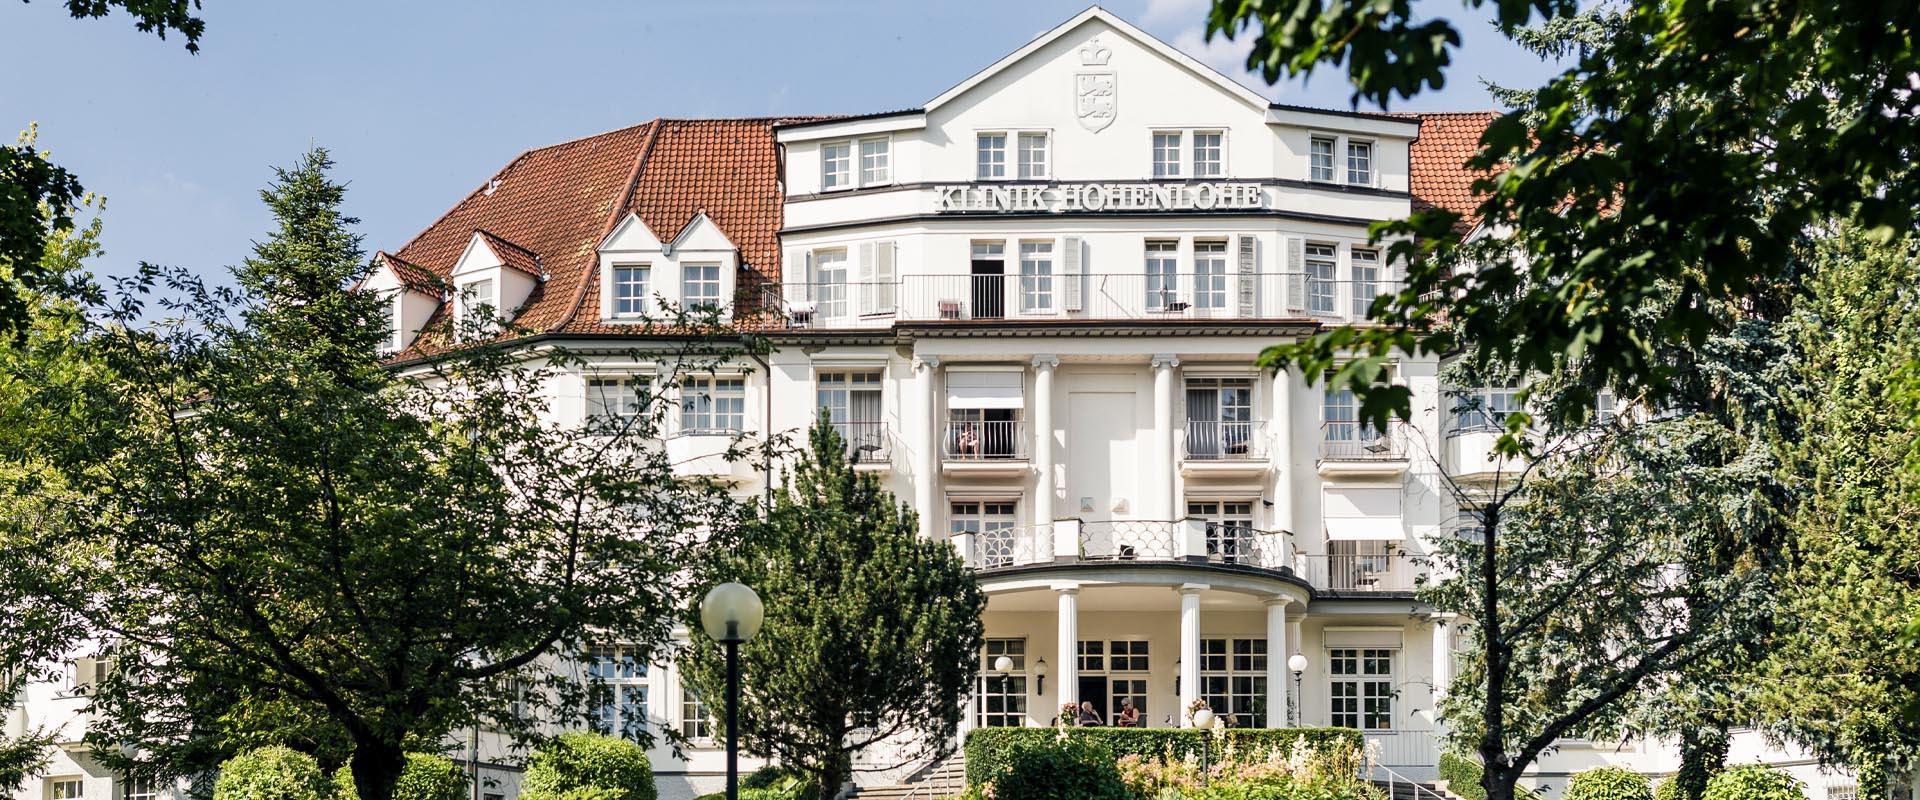 Klinik Hohenlohe Bad Mergentheim Kliniken